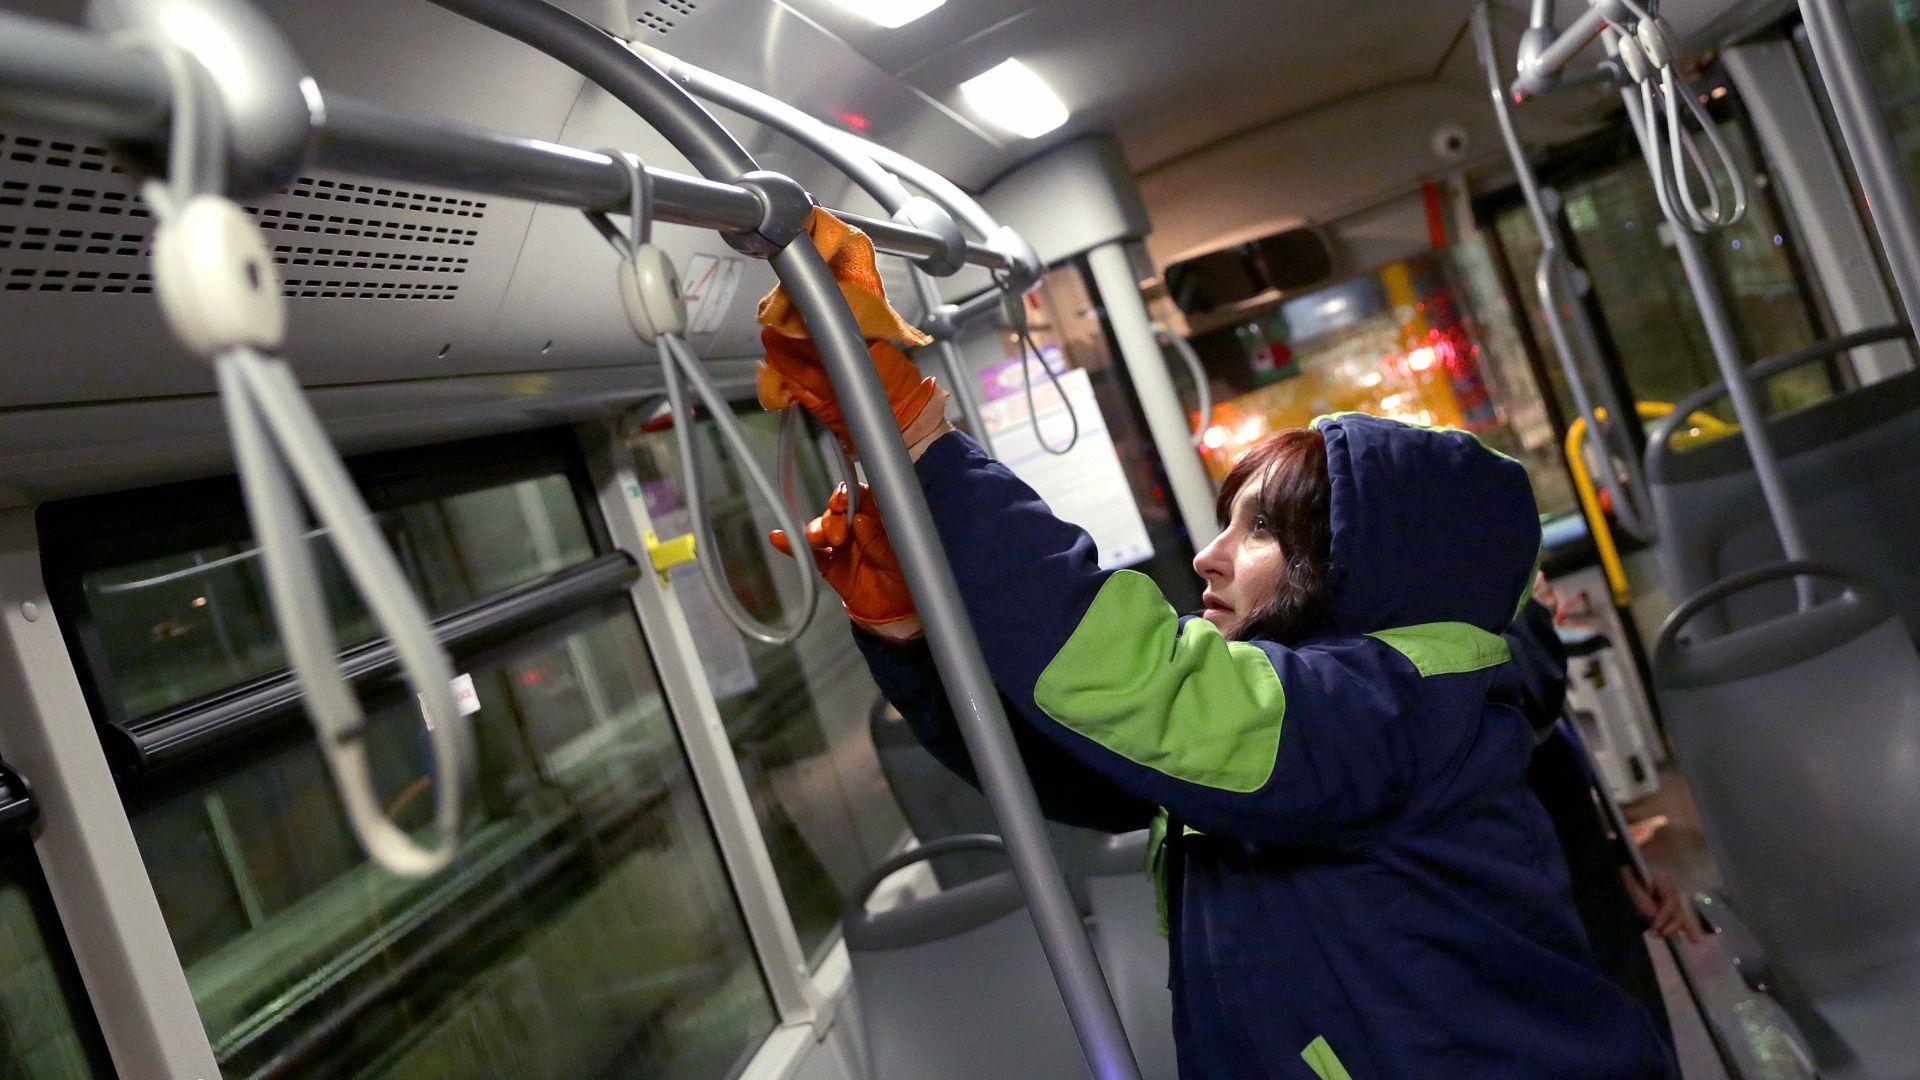 Градският транспорт в Пловдив остава да се движат по приетото разписание